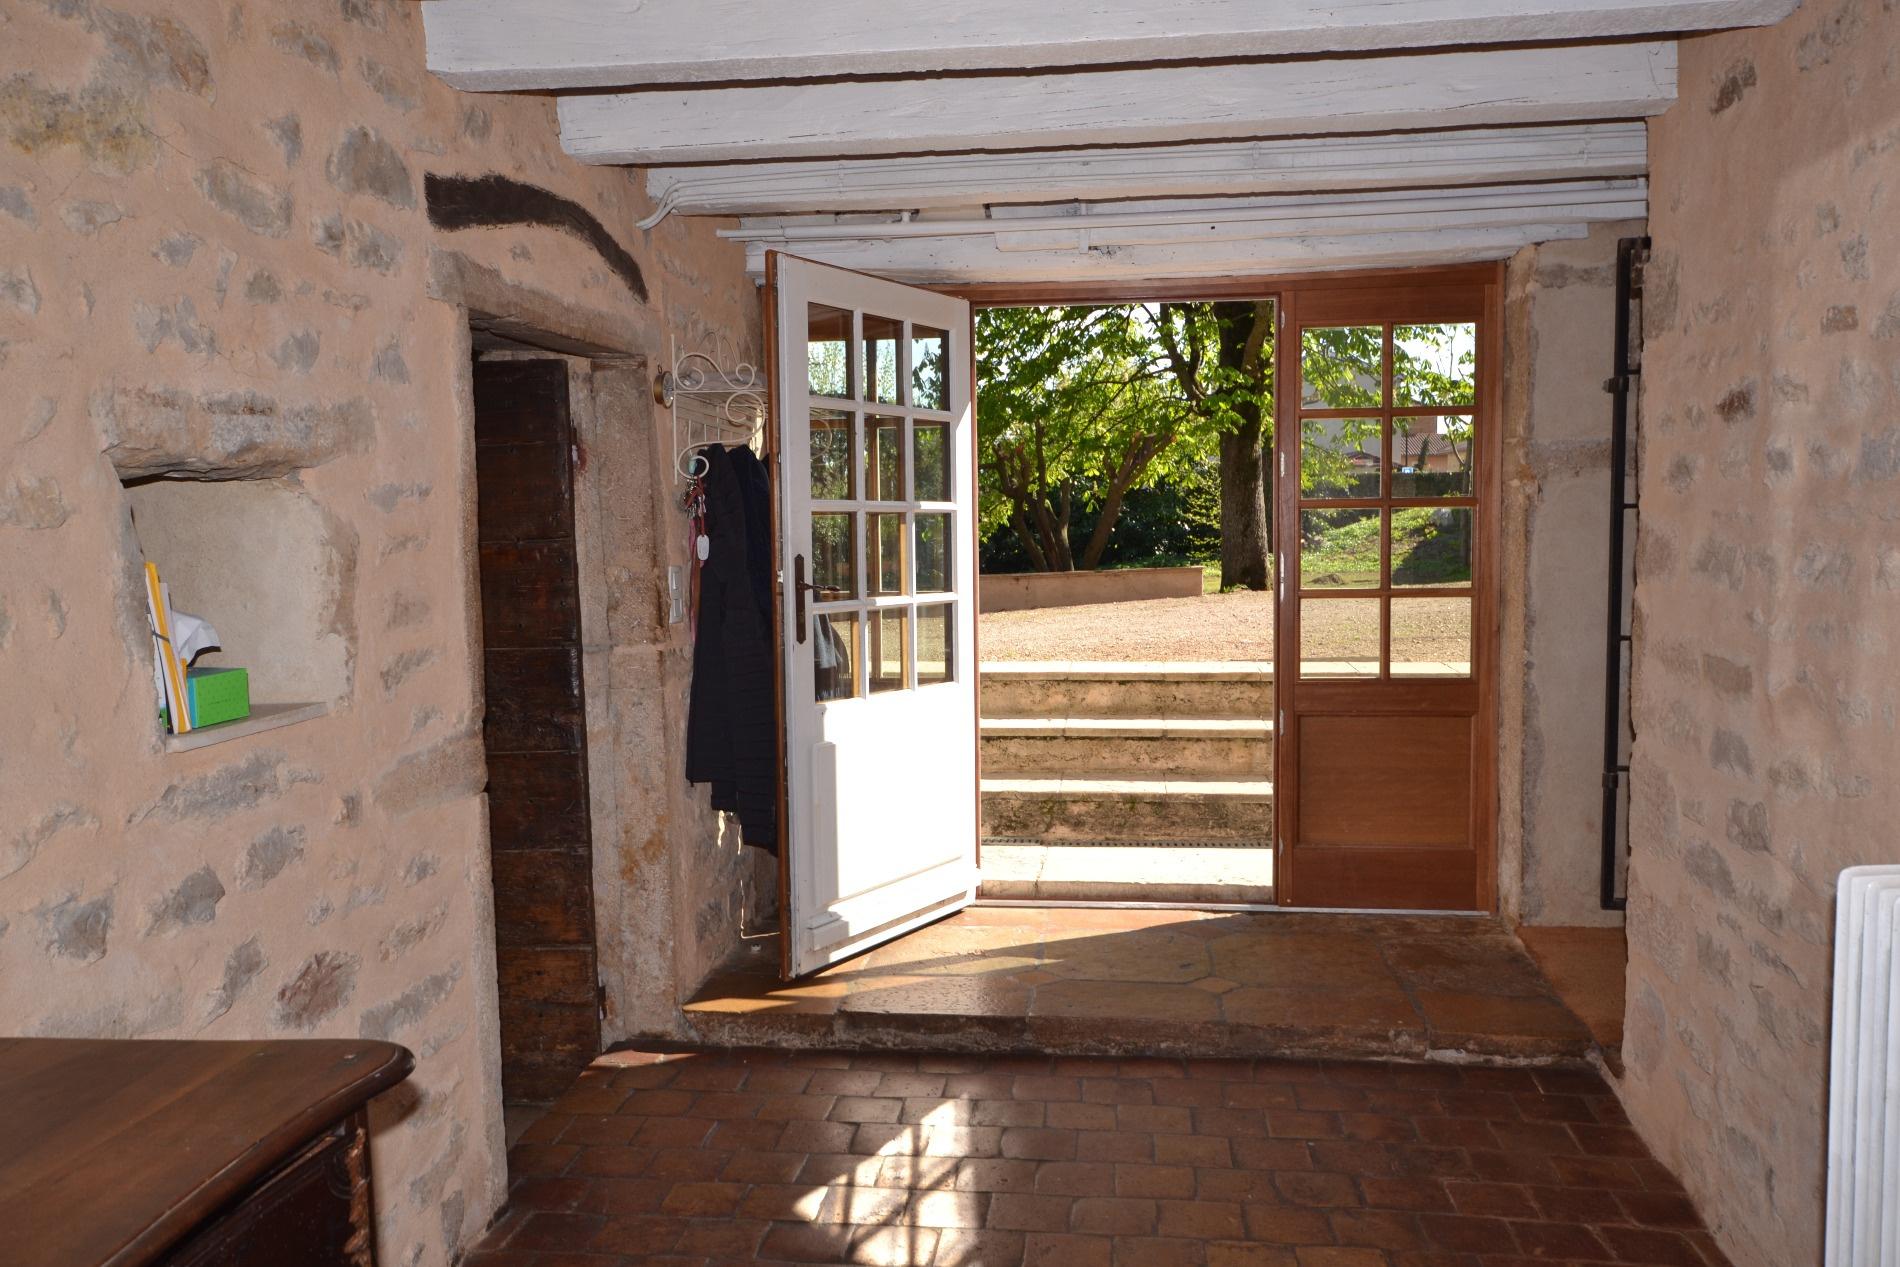 vente villefranche sur saone maison en pierre 280 m terrain de 1725 m dont une parcelle construc. Black Bedroom Furniture Sets. Home Design Ideas